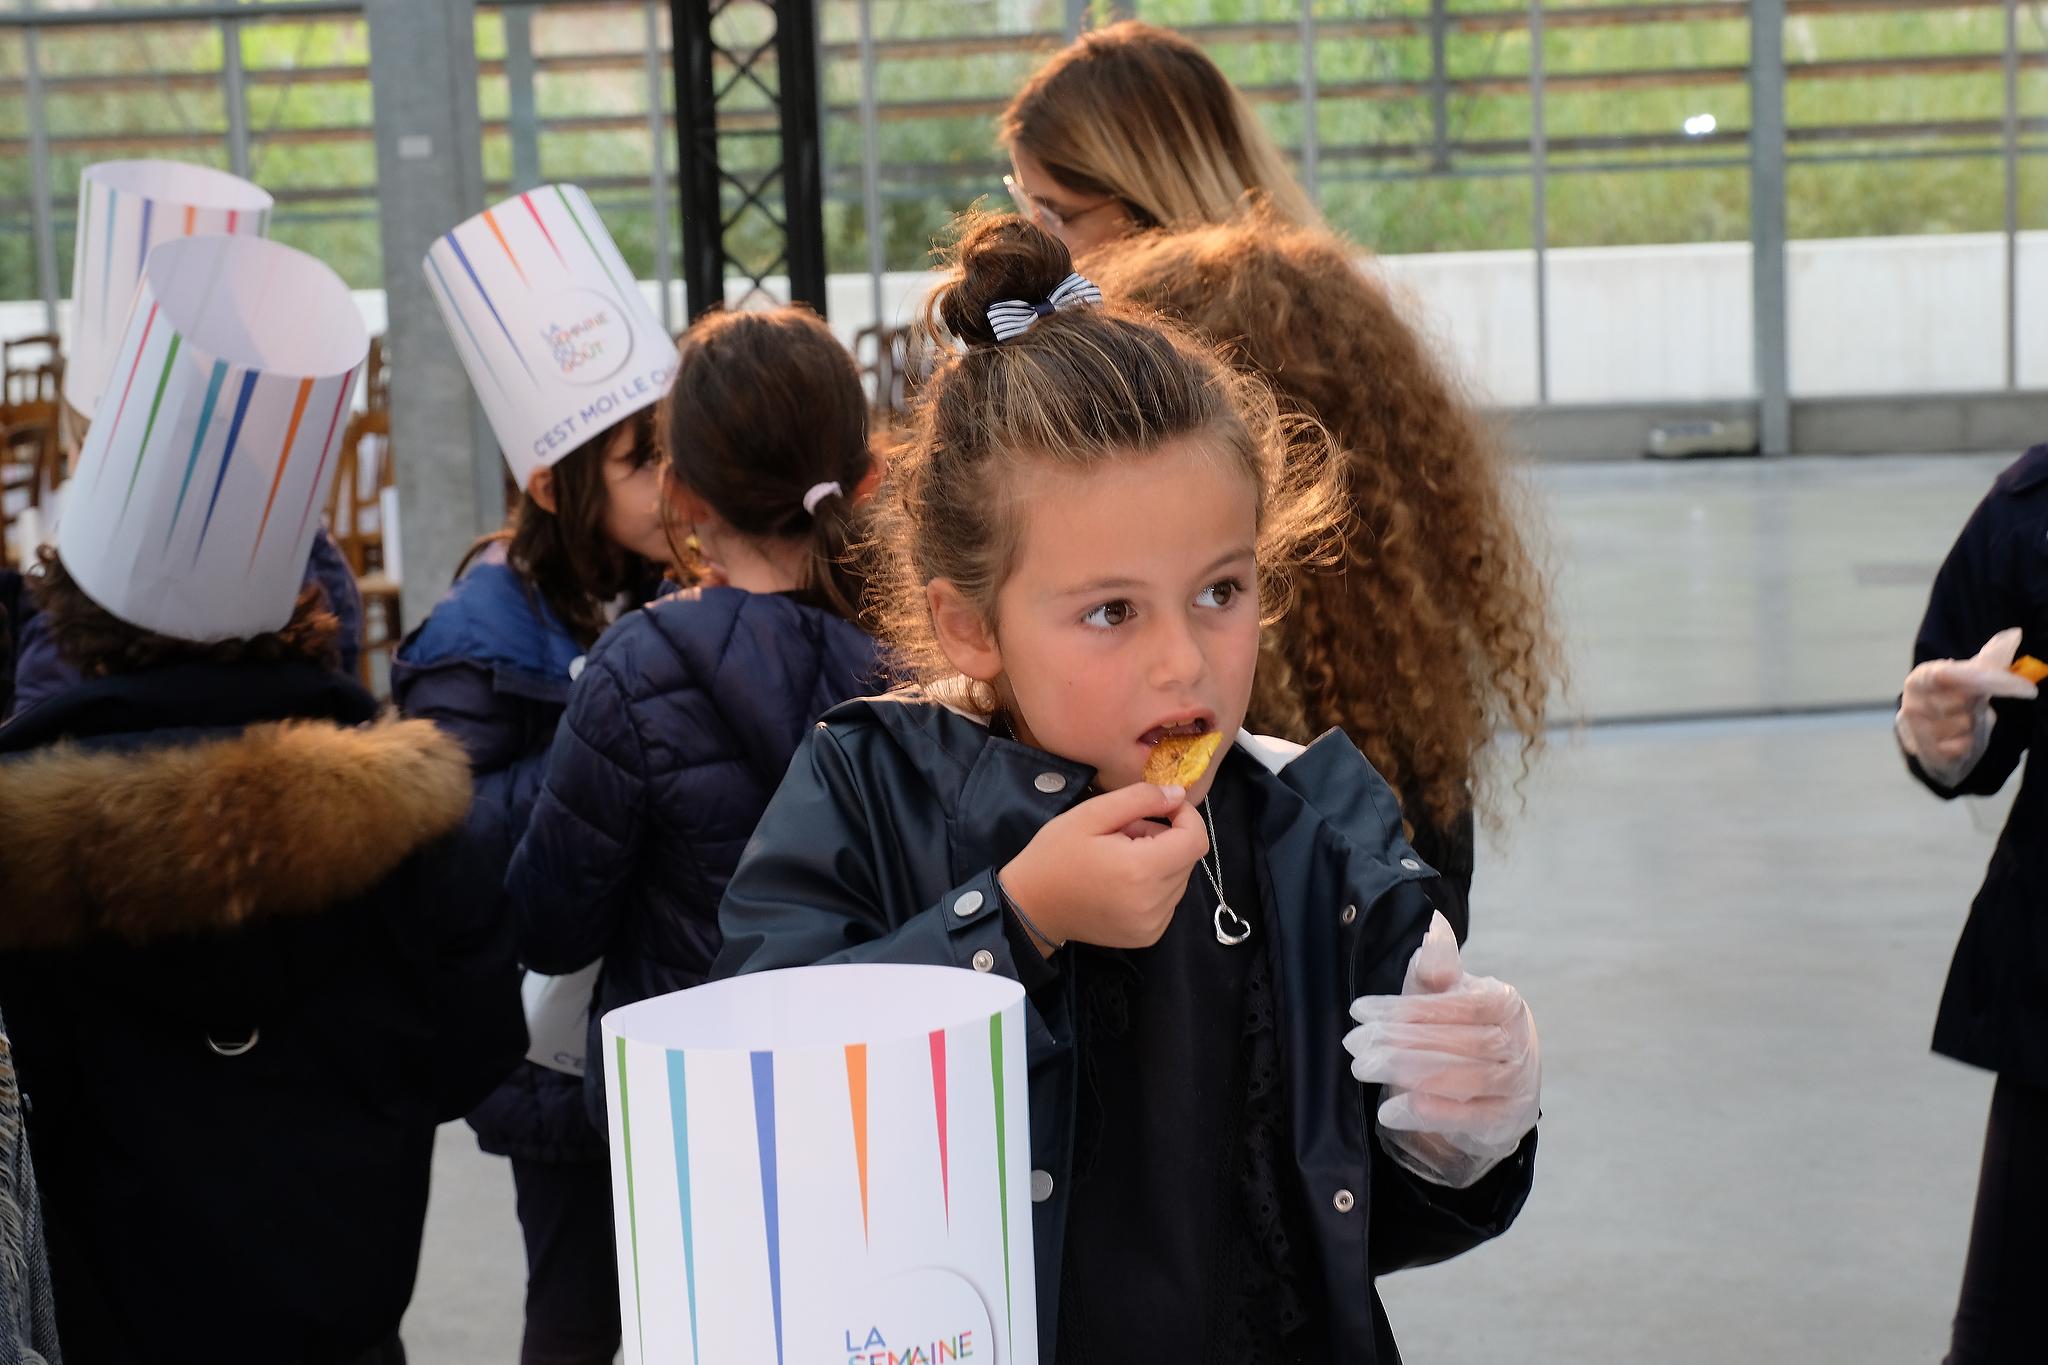 La Semaine Du Gout_Serre Pedagogique De La Cuisine Africaine Nathalie Brigaud Ngoum